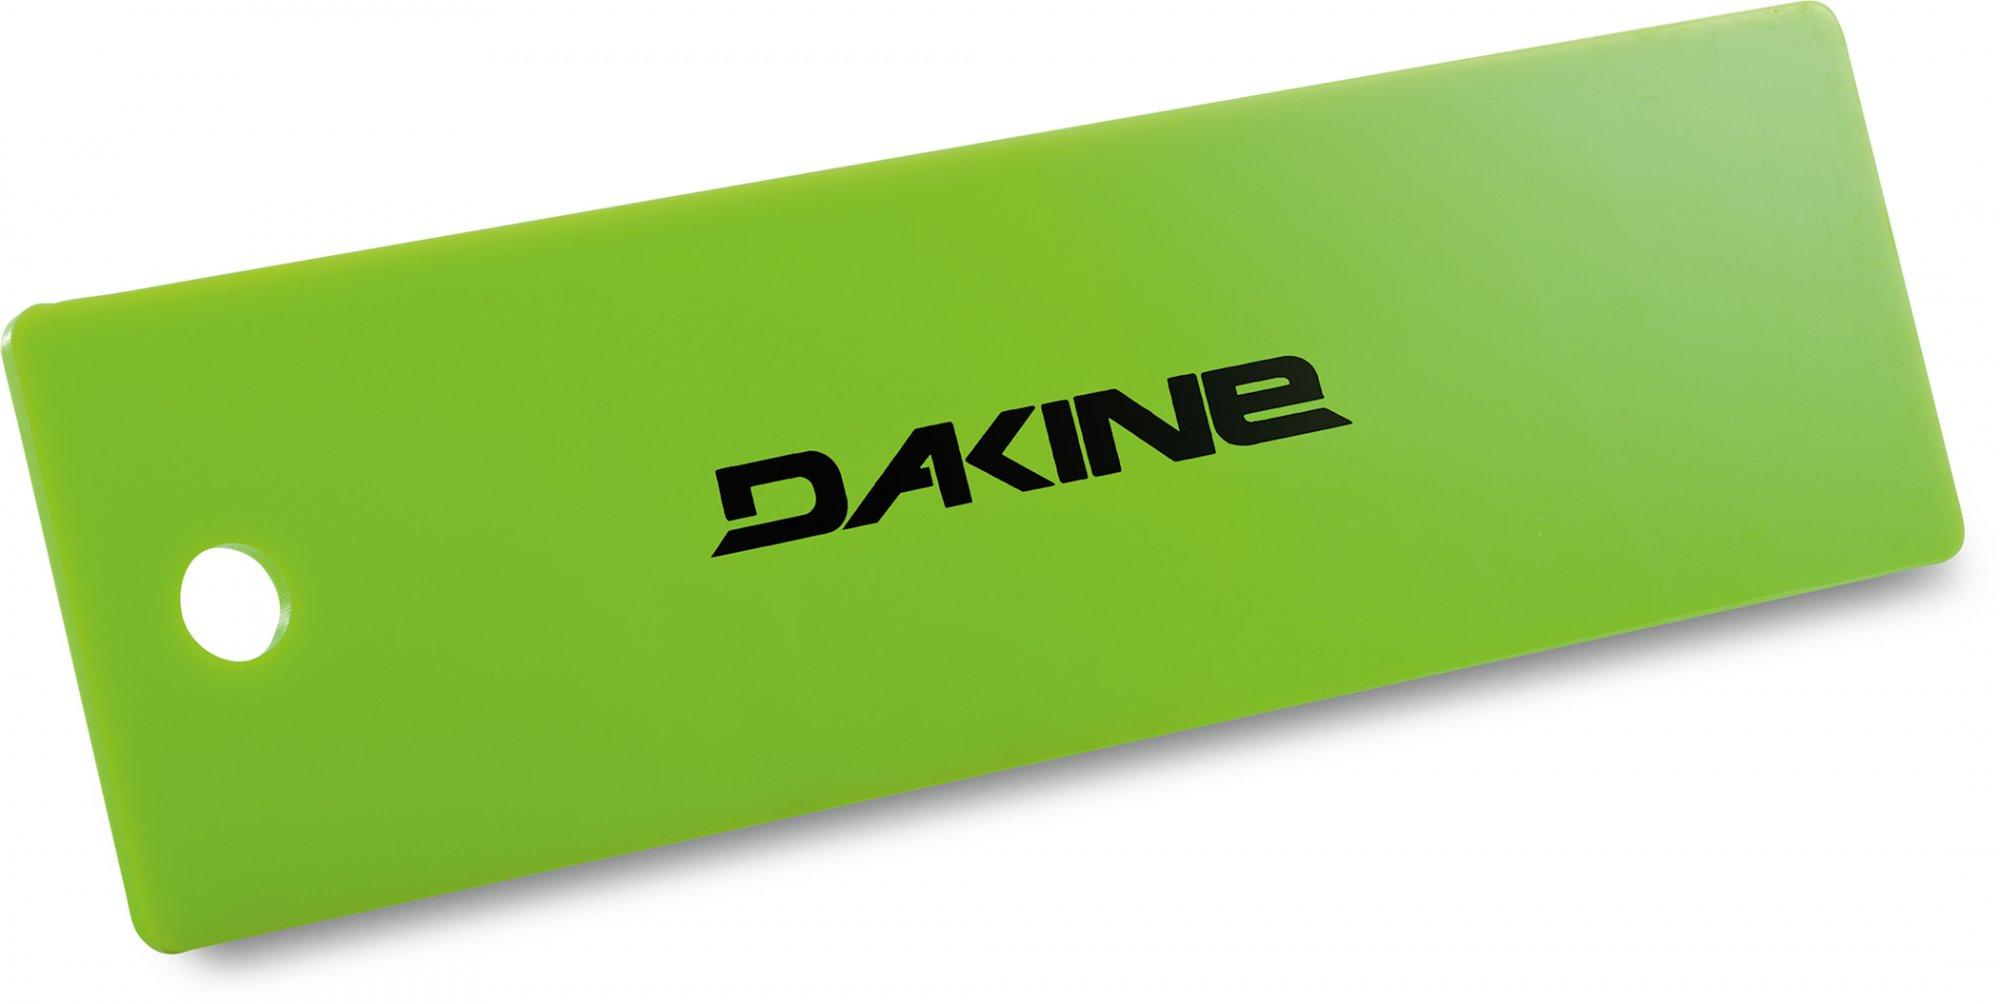 Dakine 10 Scraper